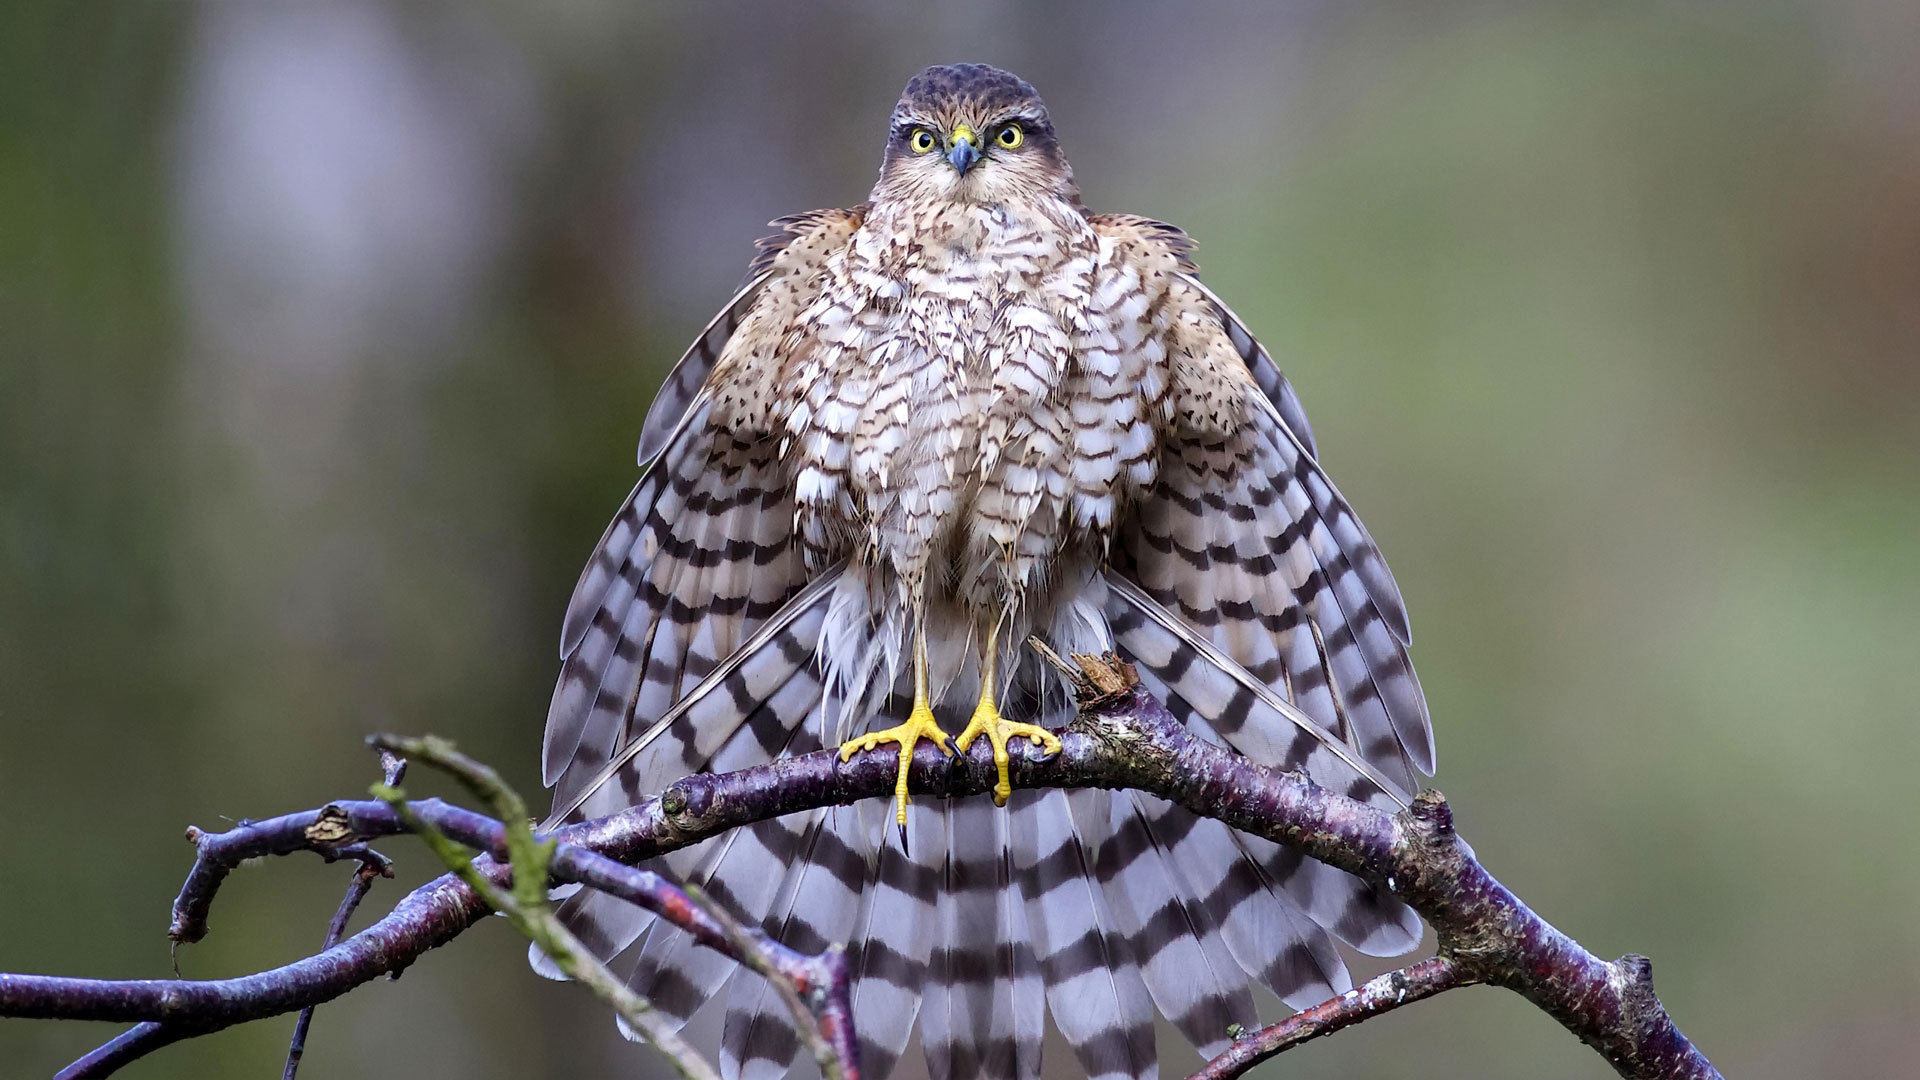 在这个鸟吃鸟的世界